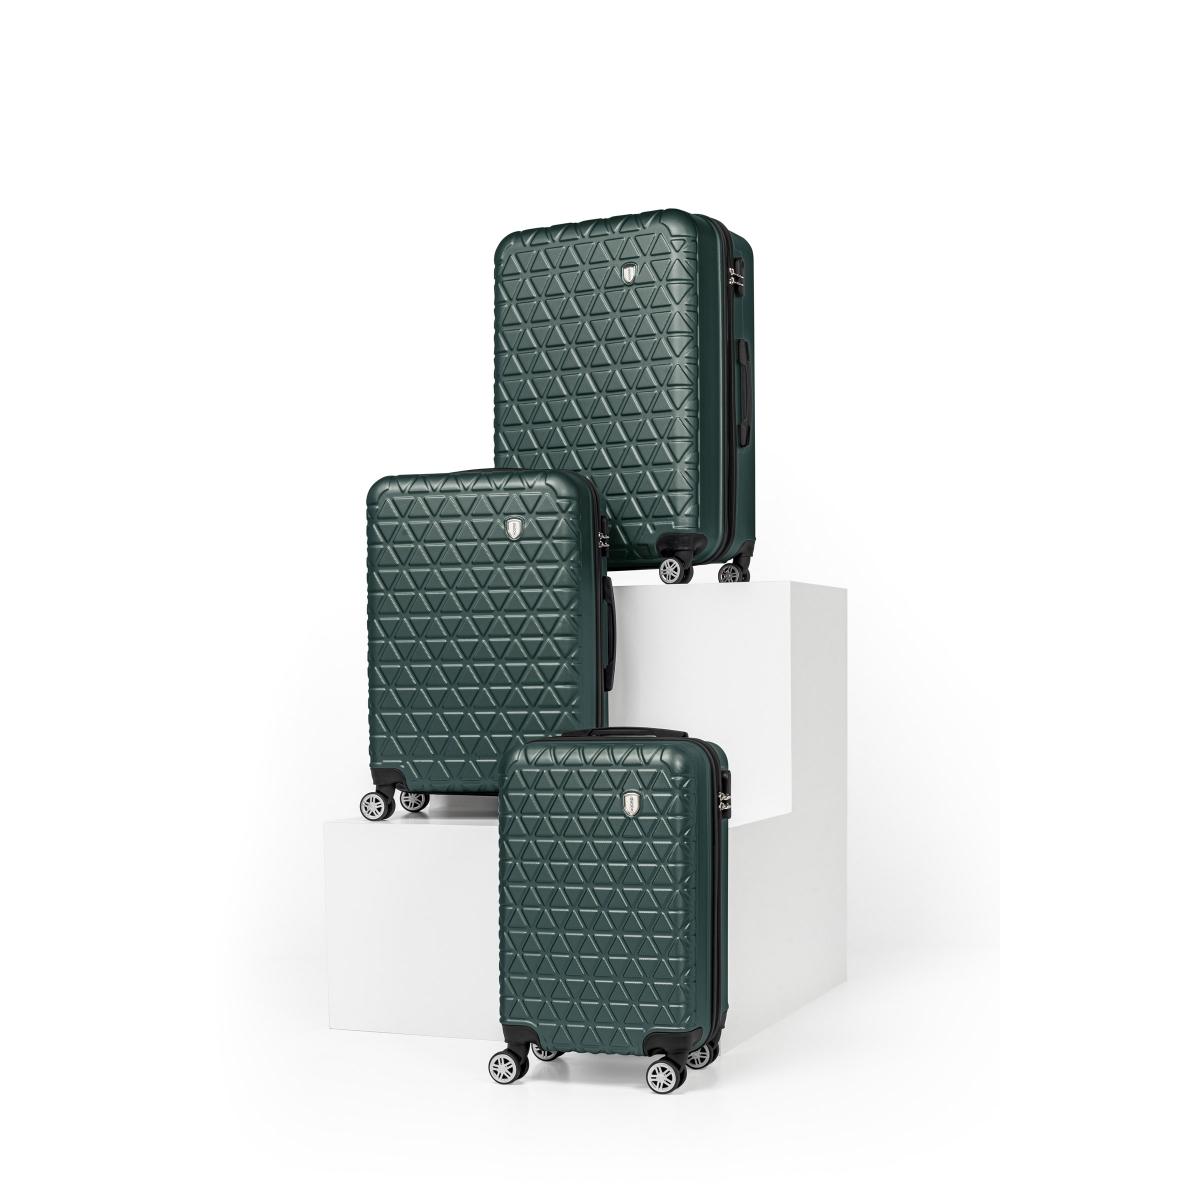 Gedox Abs 3'lü Valiz Seyahat Seti - Model:800.07 Haki Yeşil